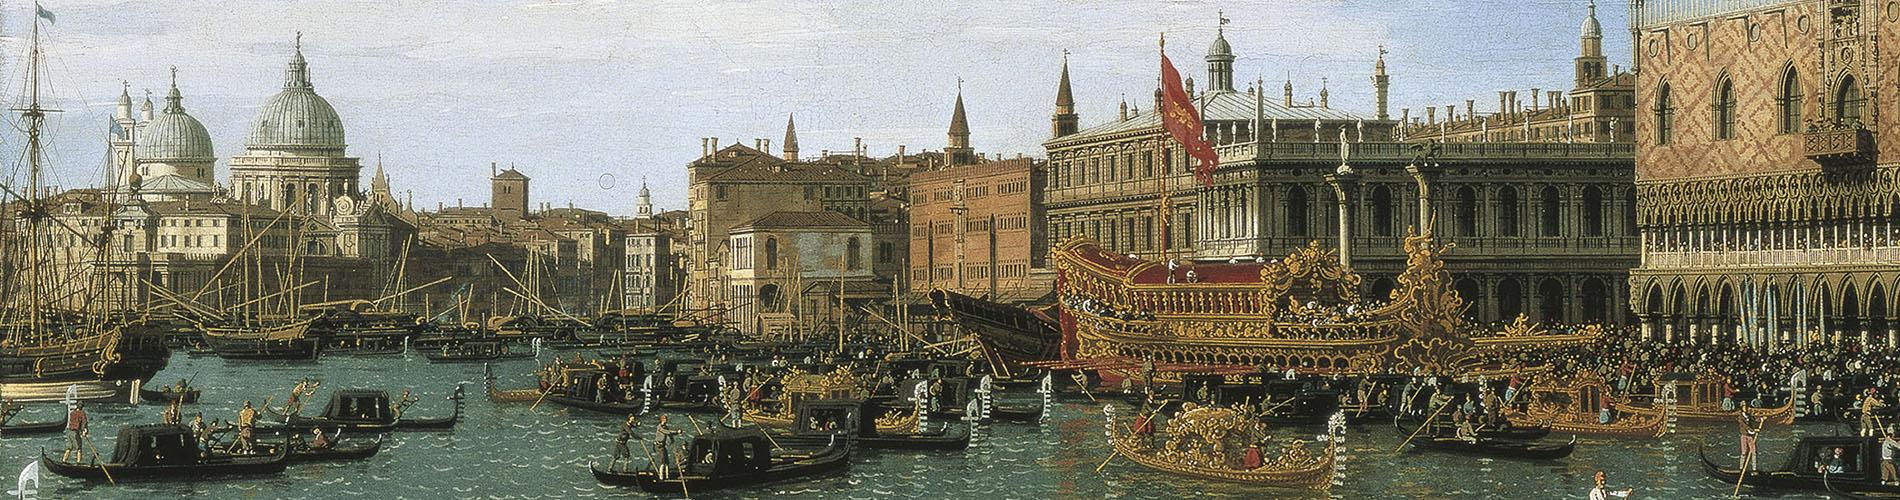 Giovanni Antonio Canal (Canaletto), Regreso de «Il Bucintoro» el día de la Ascensión, 1745-1750